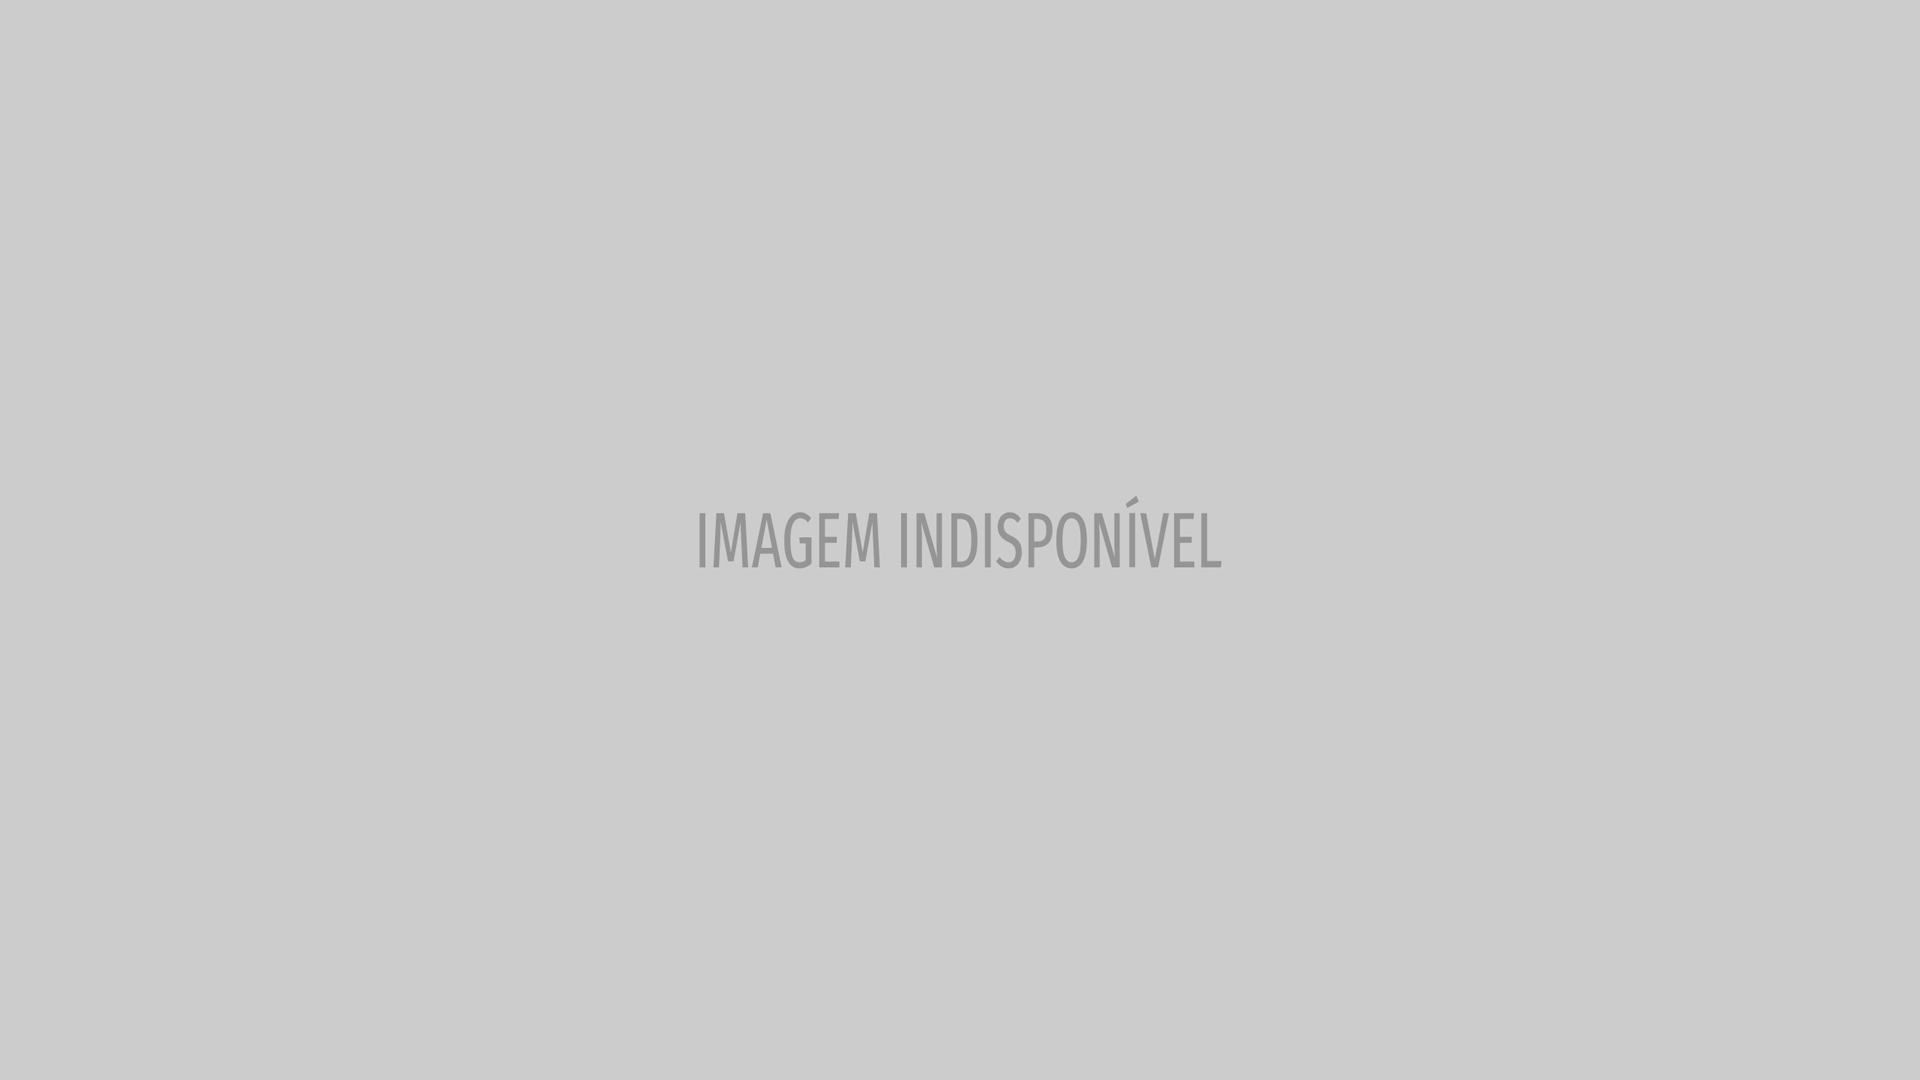 Homem mordido por cão contrai raiva  no Mato Grosso do Sul